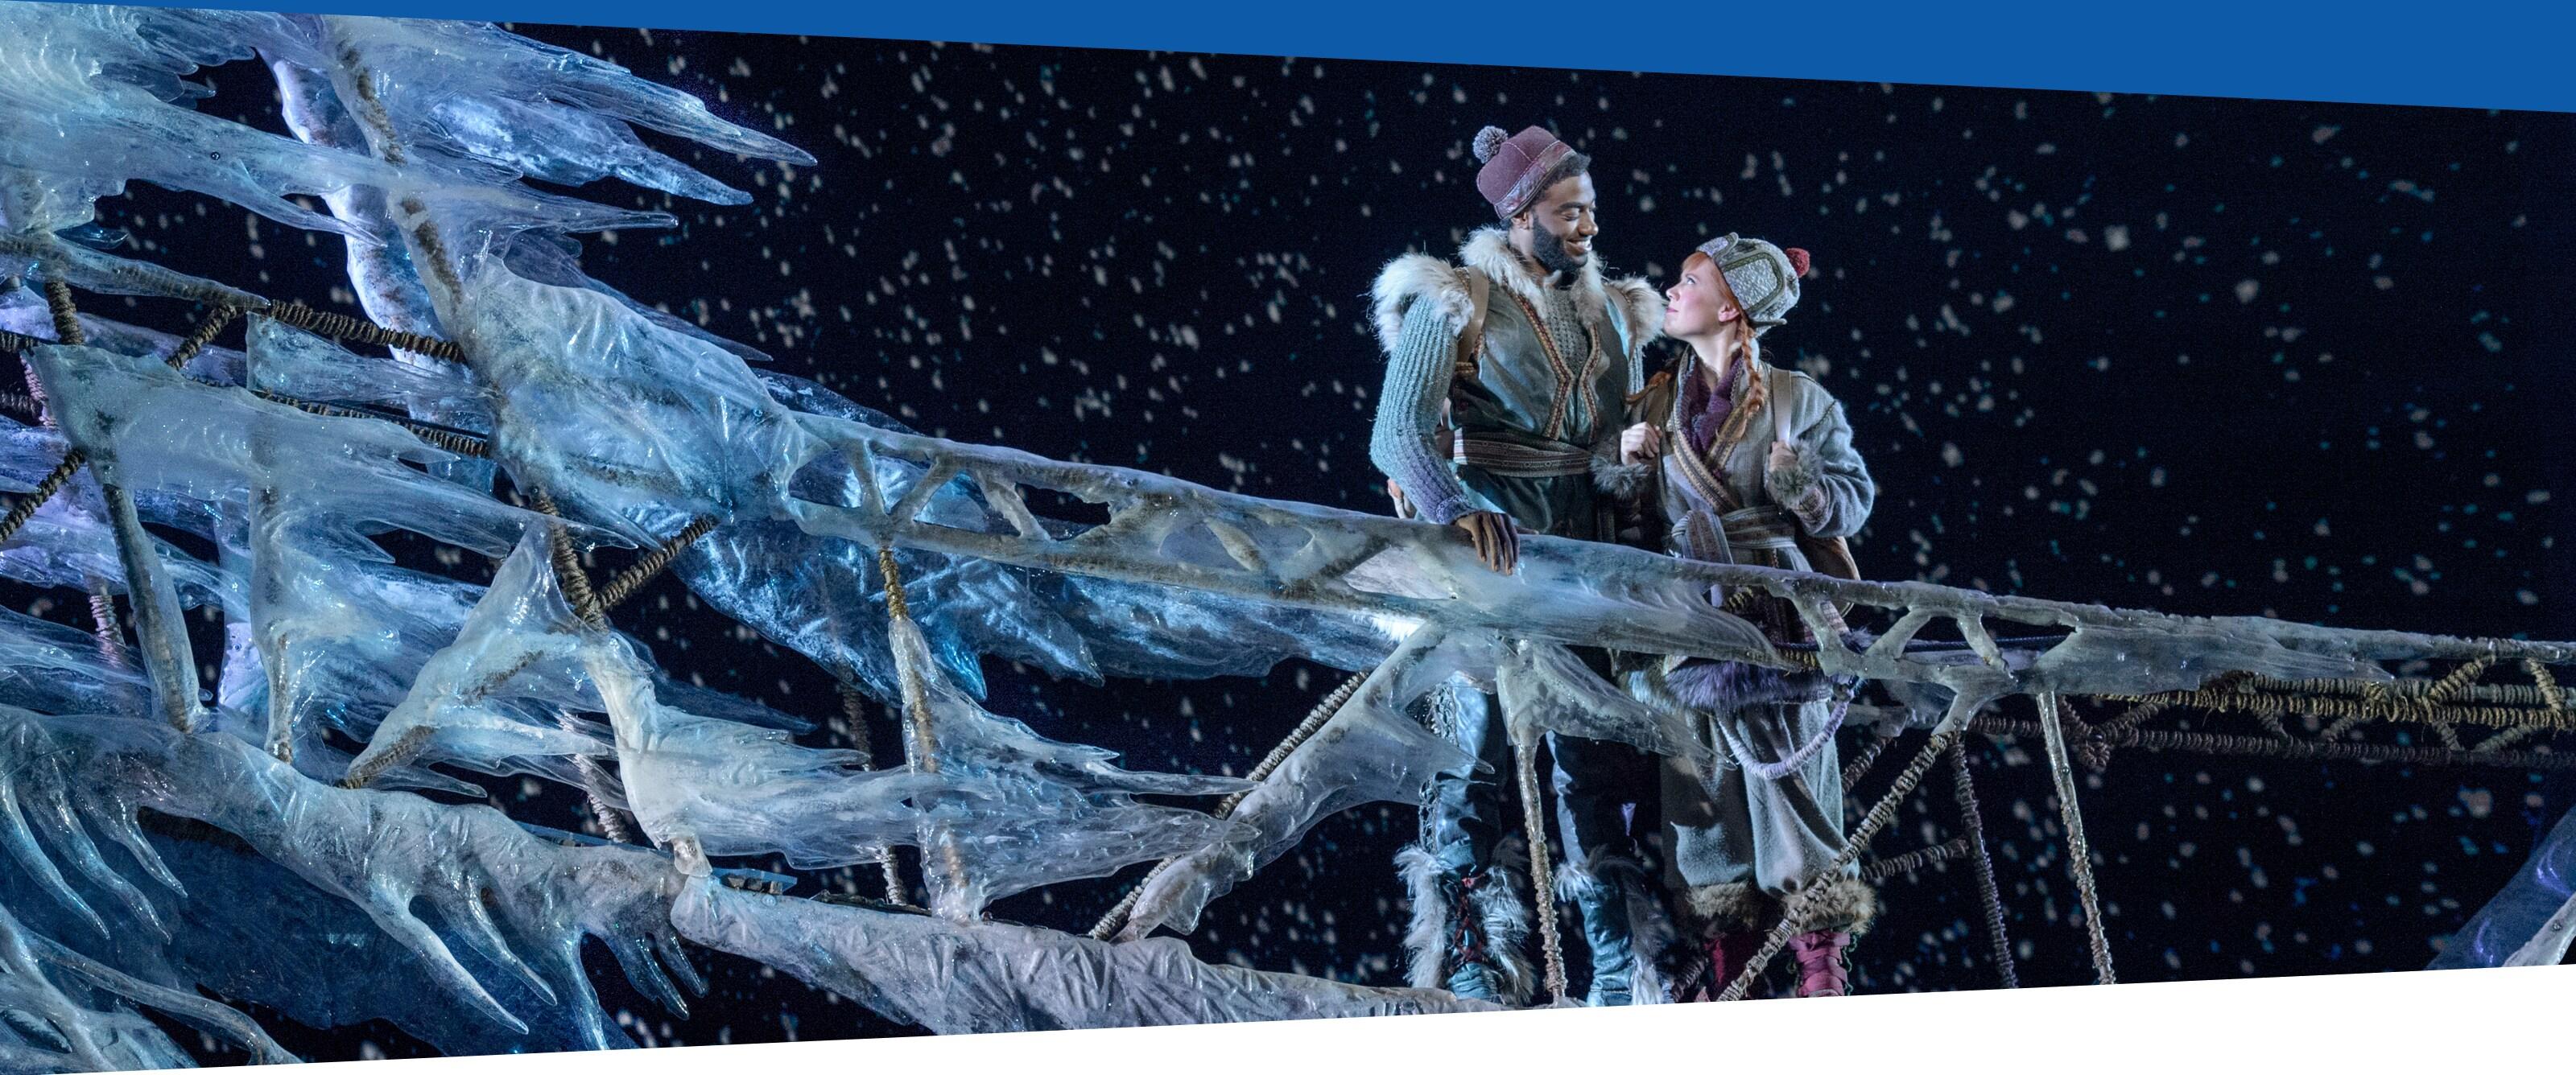 克里斯托夫和安娜走过一座冰桥